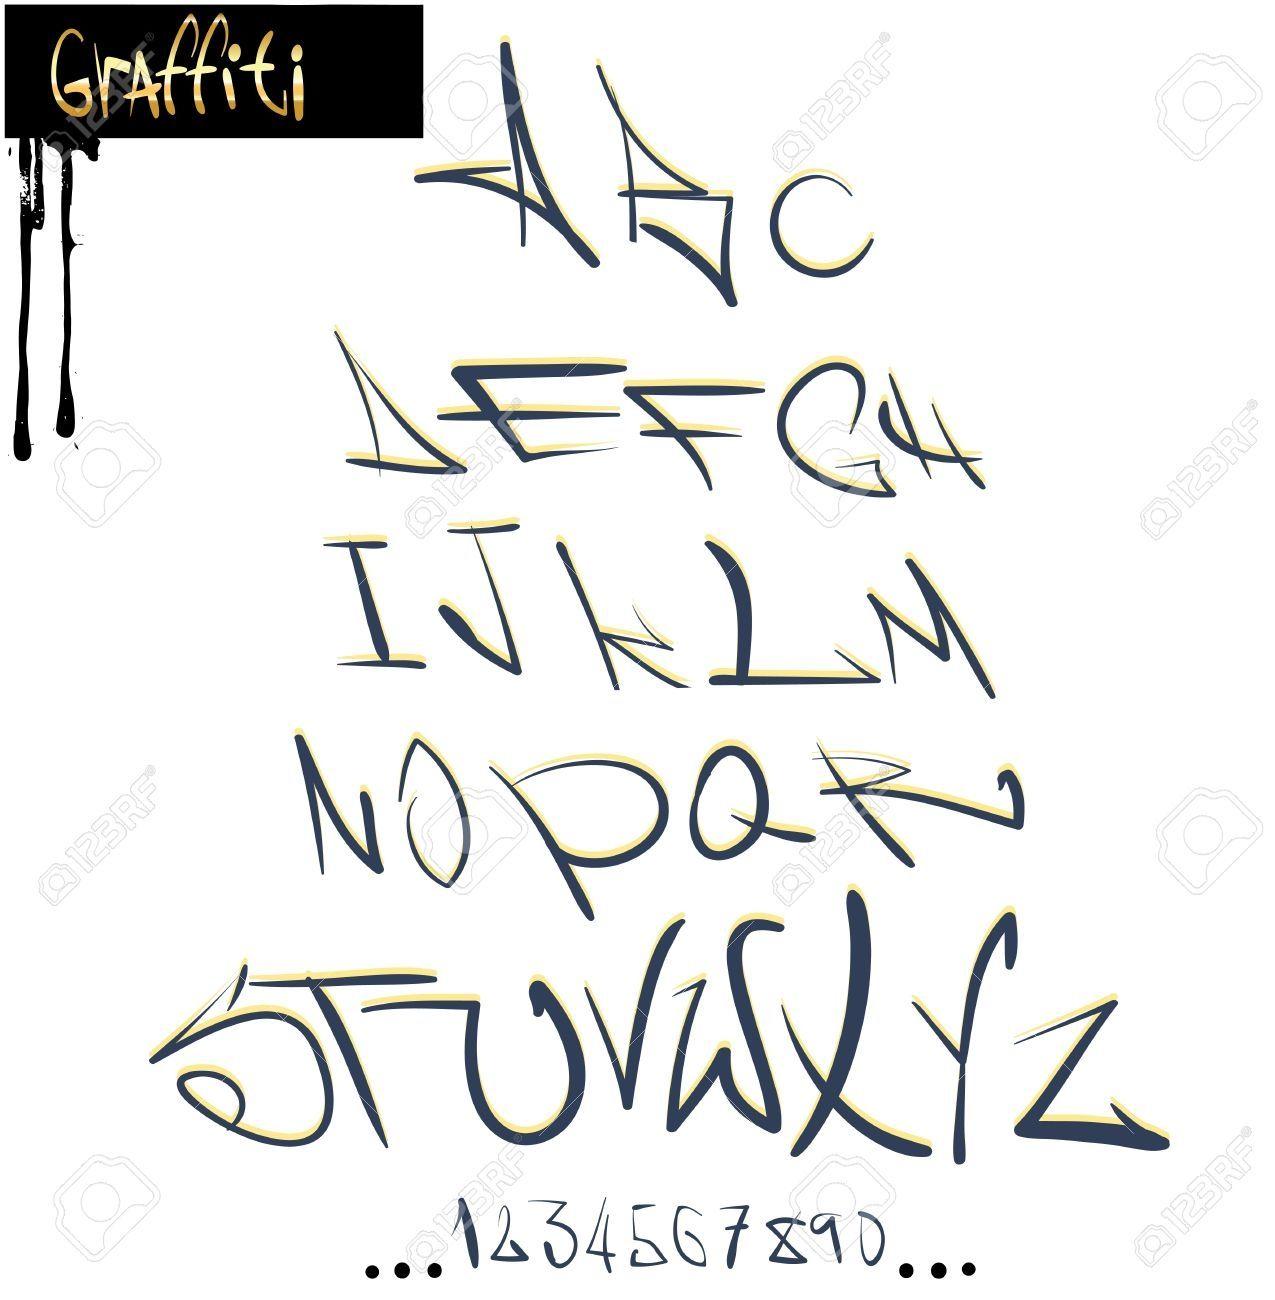 Graffiti alphabet fonts az graffiti font alphabet abc letters royalty free